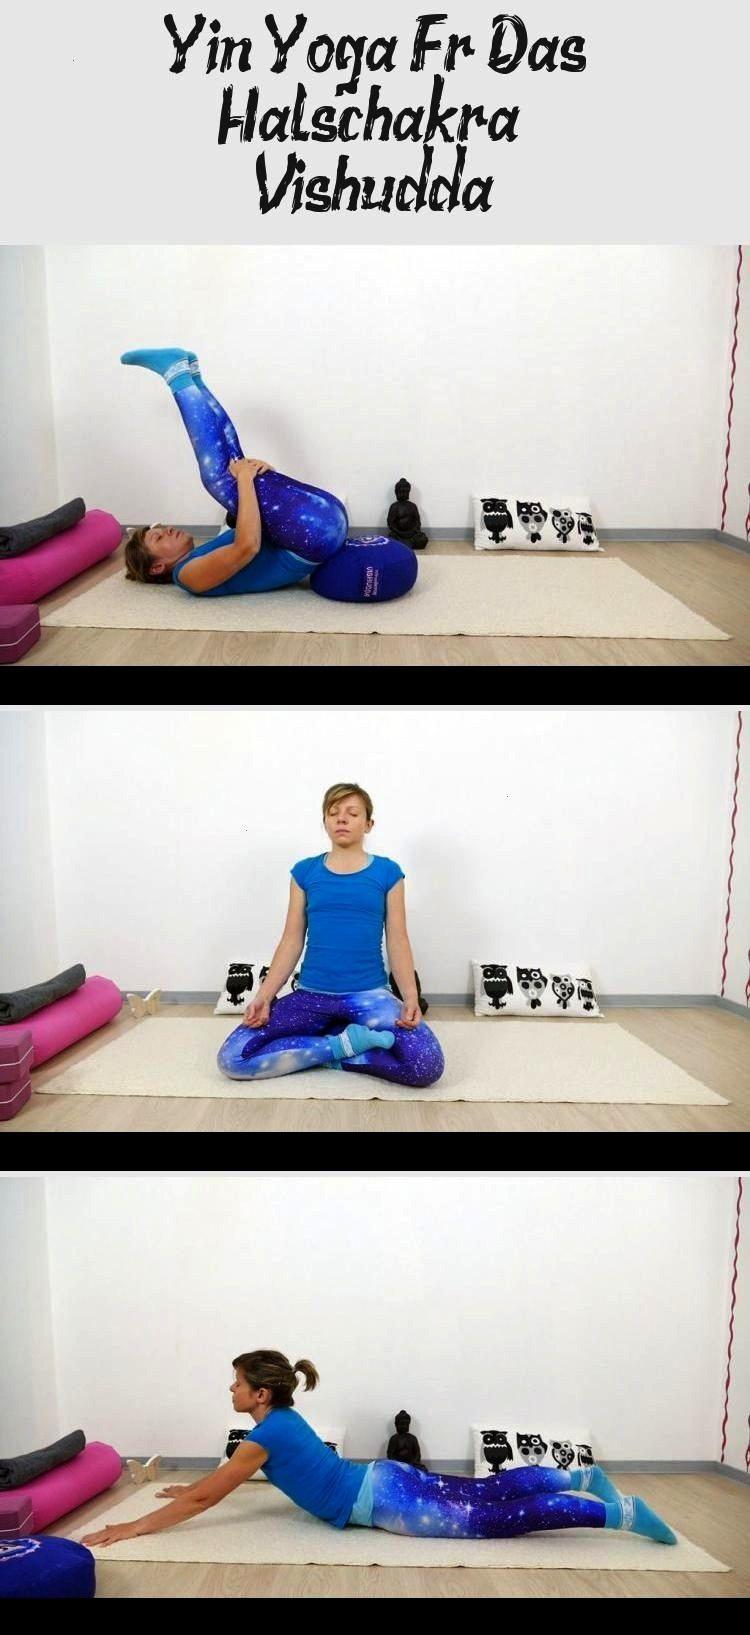 Yogalifestyle Yogasequences Vinyasayoga Yogafitness Meditation Yogaposes Yogagirls Yogaflow Vishudda Exerci In 2020 Yin Yoga Yin Yoga Sequence Yoga Sequences